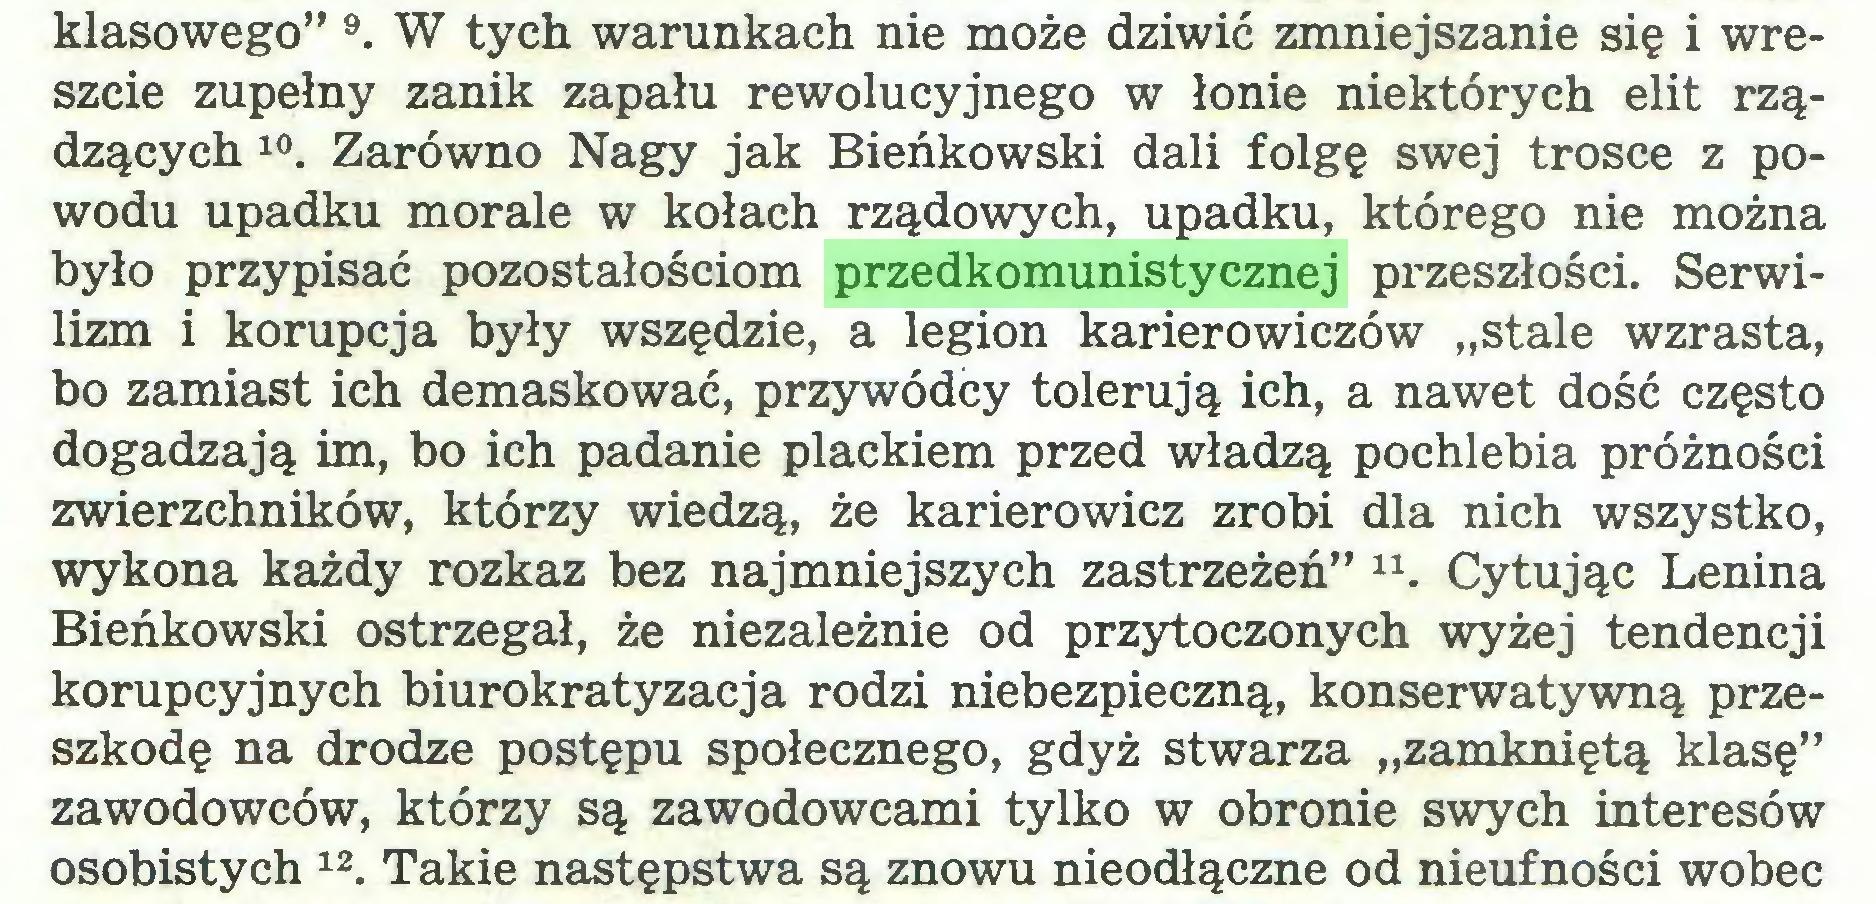 """(...) klasowego"""" 9. W tych warunkach nie może dziwić zmniejszanie się i wreszcie zupełny zanik zapału rewolucyjnego w łonie niektórych elit rządzących 10. Zarówno Nagy jak Bieńkowski dali folgę swej trosce z powodu upadku morale w kołach rządowych, upadku, którego nie można było przypisać pozostałościom przedkomunistycznej przeszłości. Serwilizm i korupcja były wszędzie, a legion karierowiczów """"stale wzrasta, bo zamiast ich demaskować, przywódcy tolerują ich, a nawet dość często dogadzają im, bo ich padanie plackiem przed władzą pochlebia próżności zwierzchników, którzy wiedzą, że karierowicz zrobi dla nich wszystko, wykona każdy rozkaz bez najmniejszych zastrzeżeń"""" Cytując Lenina Bieńkowski ostrzegał, że niezależnie od przytoczonych wyżej tendencji korupcyjnych biurokratyzacja rodzi niebezpieczną, konserwatywną przeszkodę na drodze postępu społecznego, gdyż stwarza """"zamkniętą klasę"""" zawodowców, którzy są zawodowcami tylko w obronie swych interesów osobistych 12. Takie następstwa są znowu nieodłączne od nieufności wobec..."""